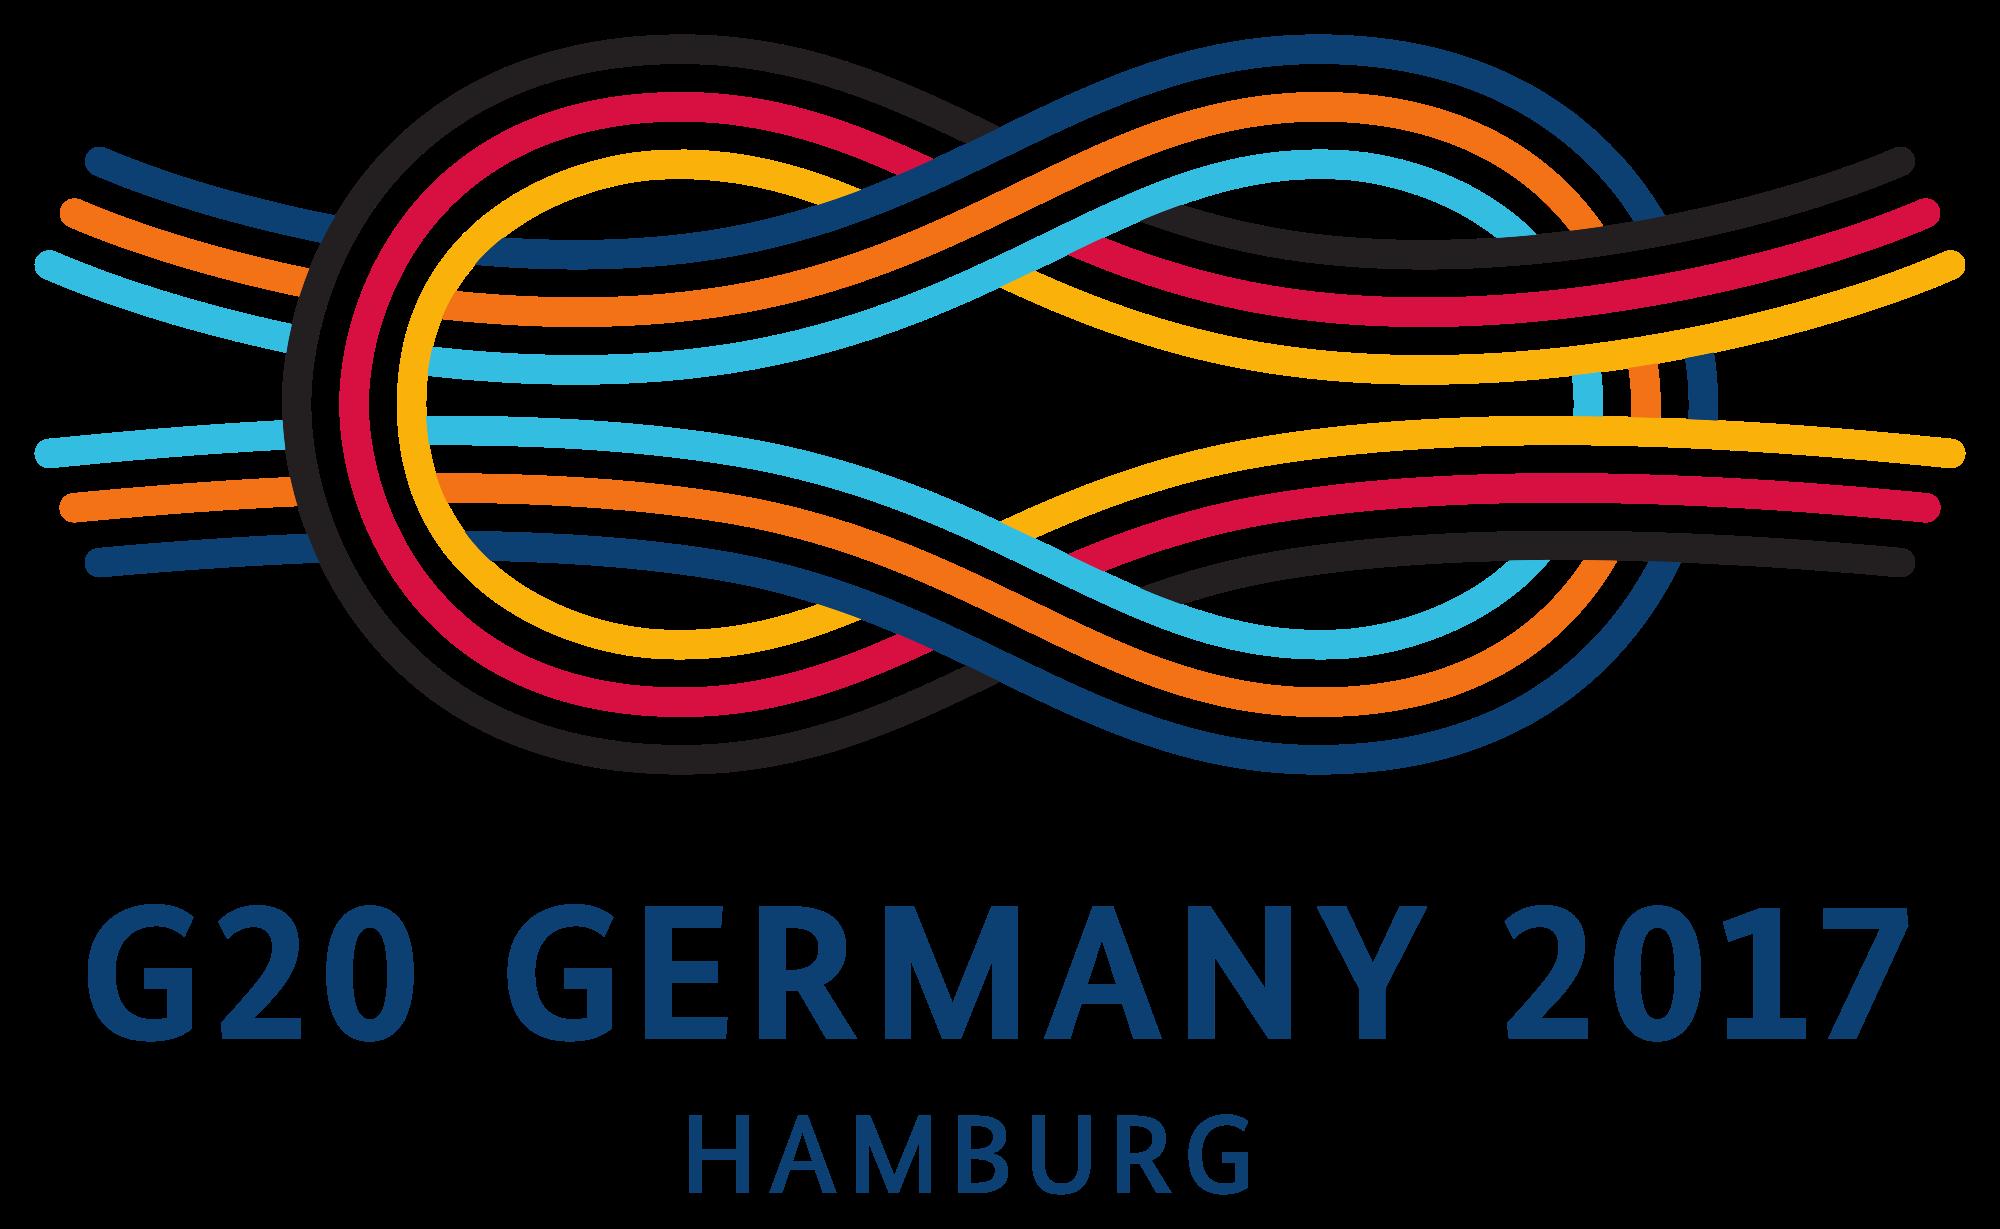 Resultado de imagen para g20 2017